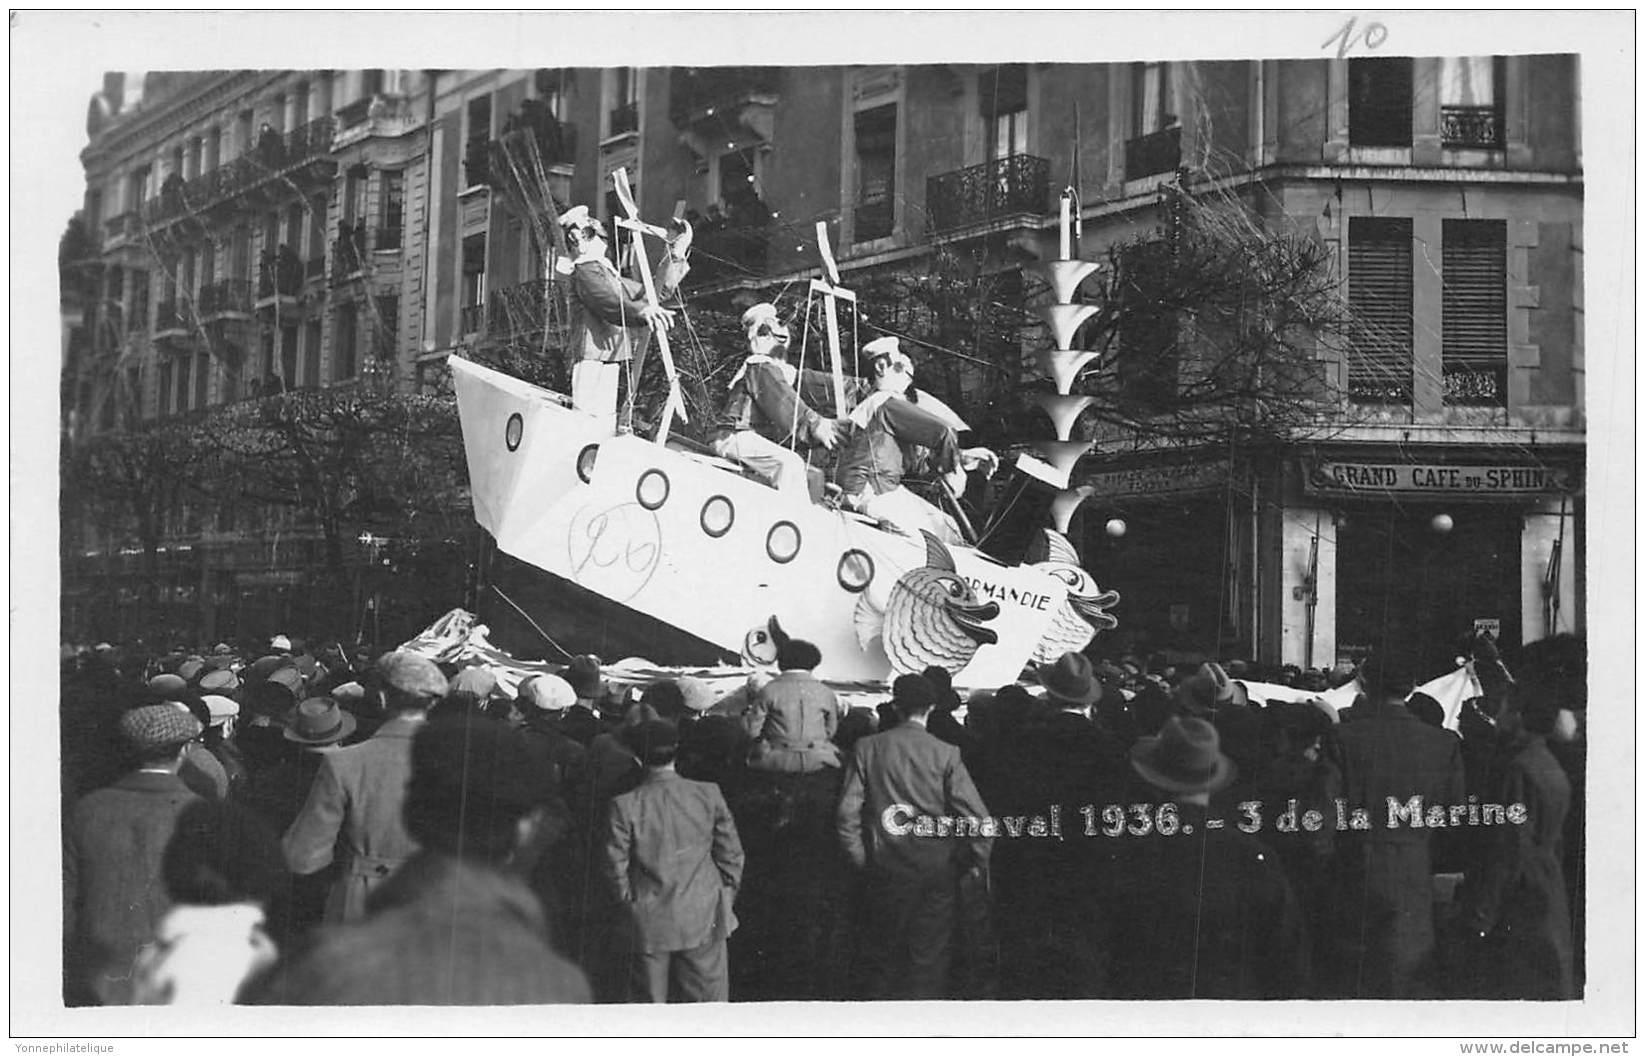 71 - SAONE ET LOIRE / Chalon Sur Saone - 711861 - Carnaval - Carte Photo - Chalon Sur Saone